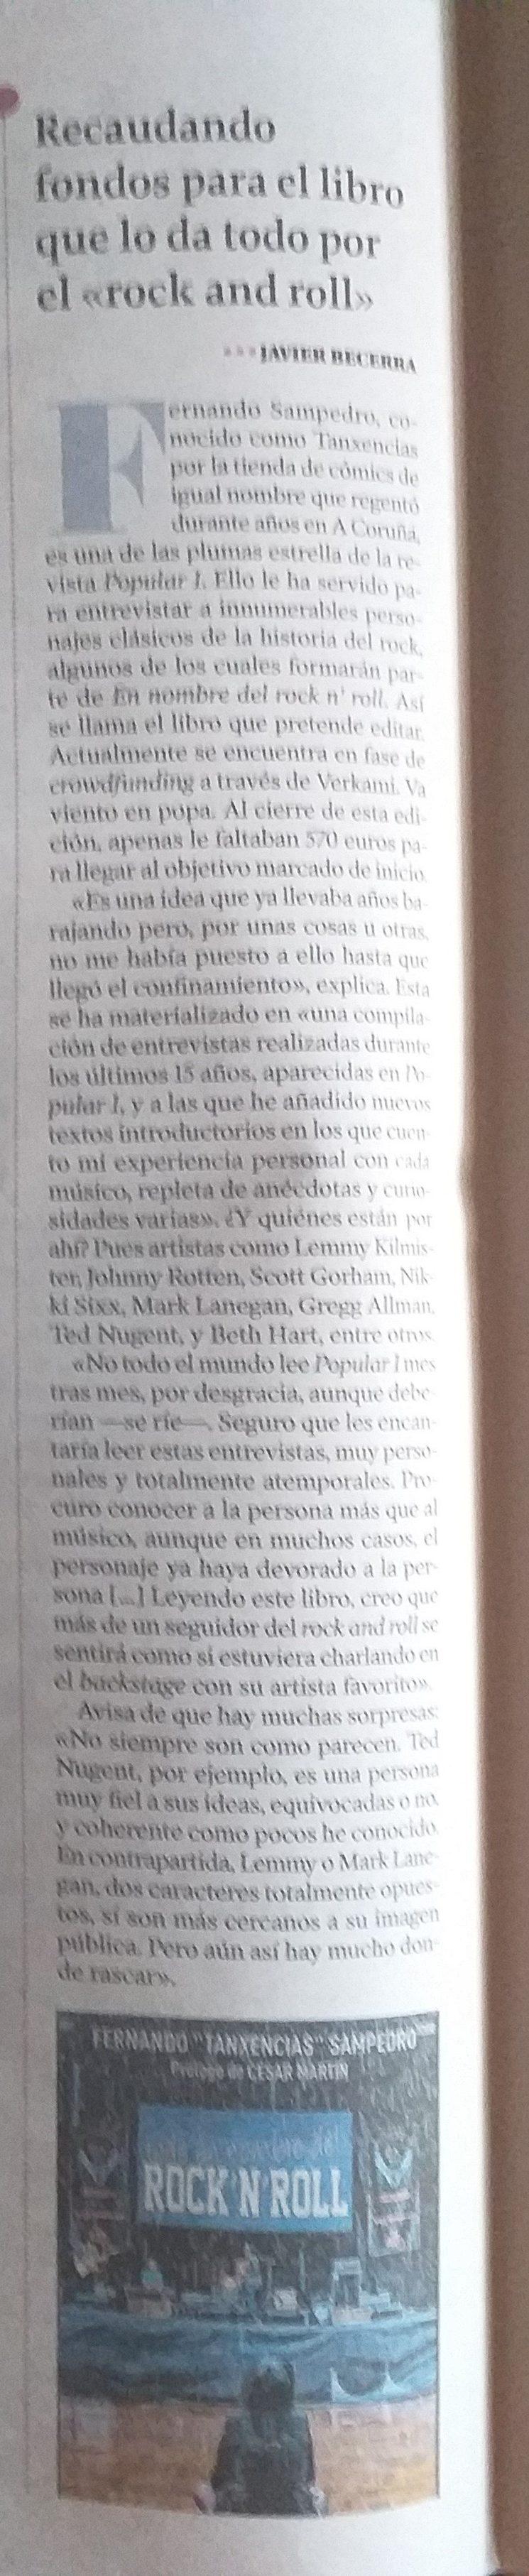 La Voz 28/08/2020